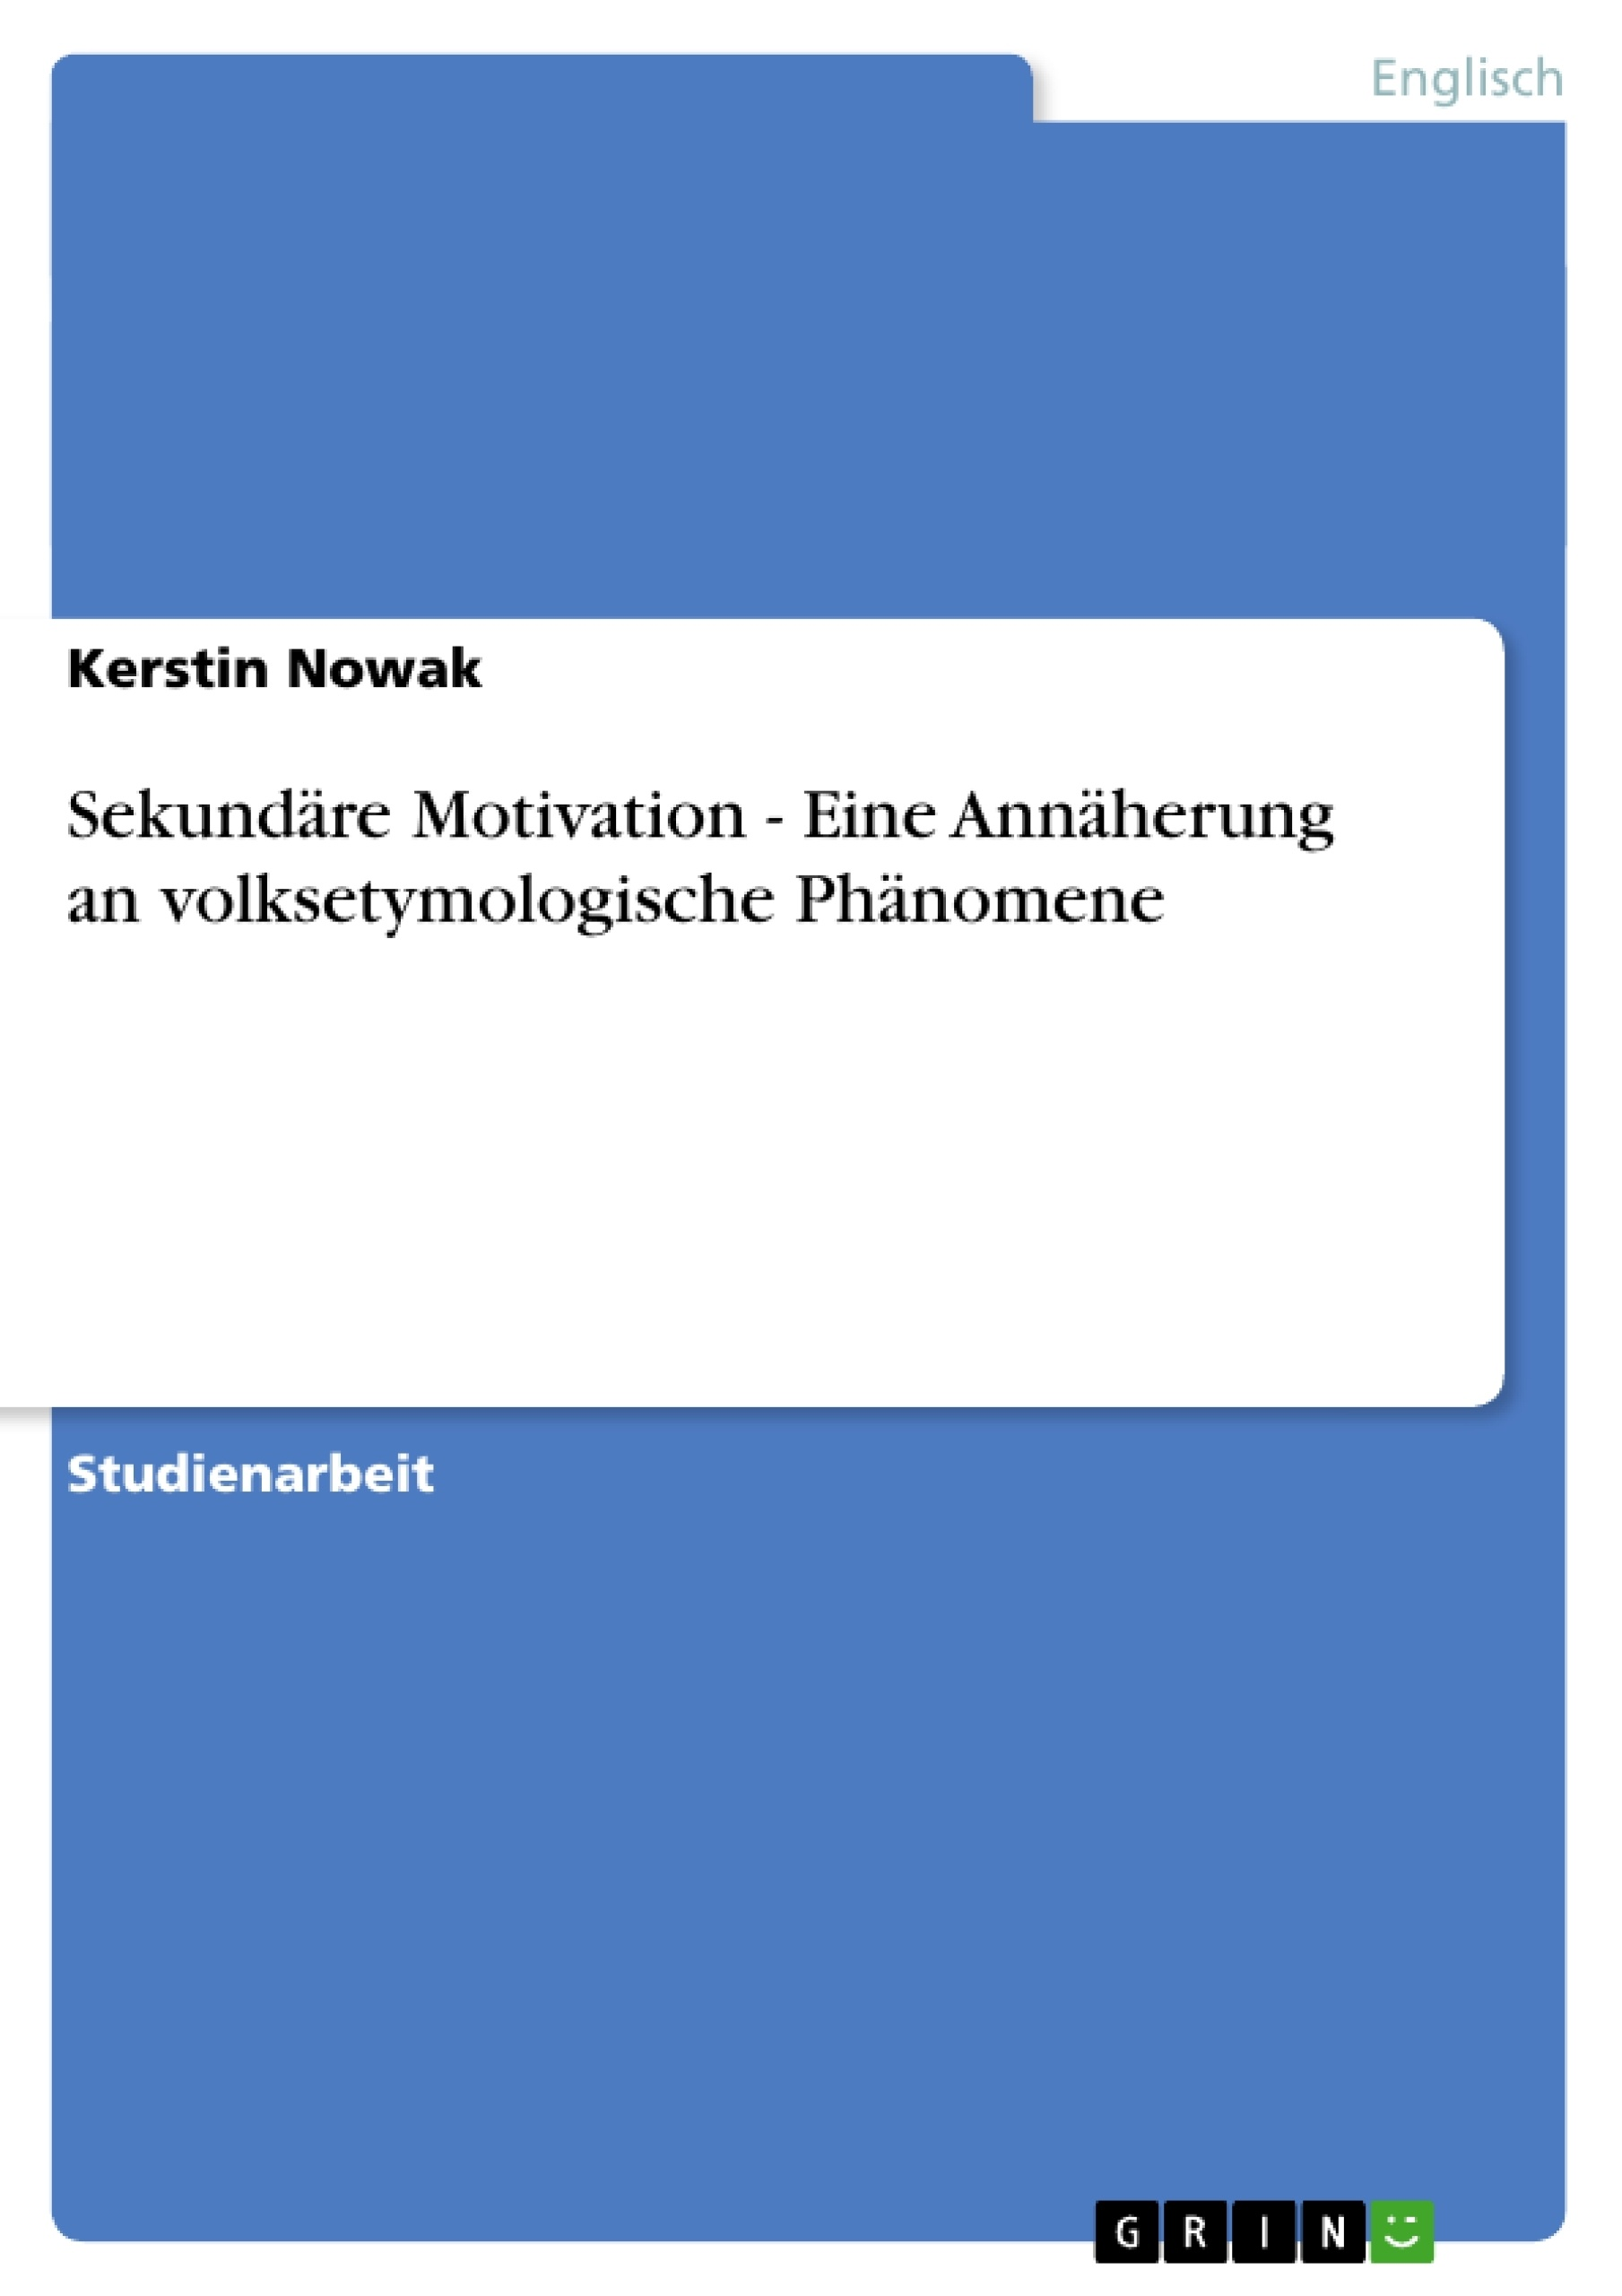 Titel: Sekundäre Motivation - Eine Annäherung an volksetymologische Phänomene